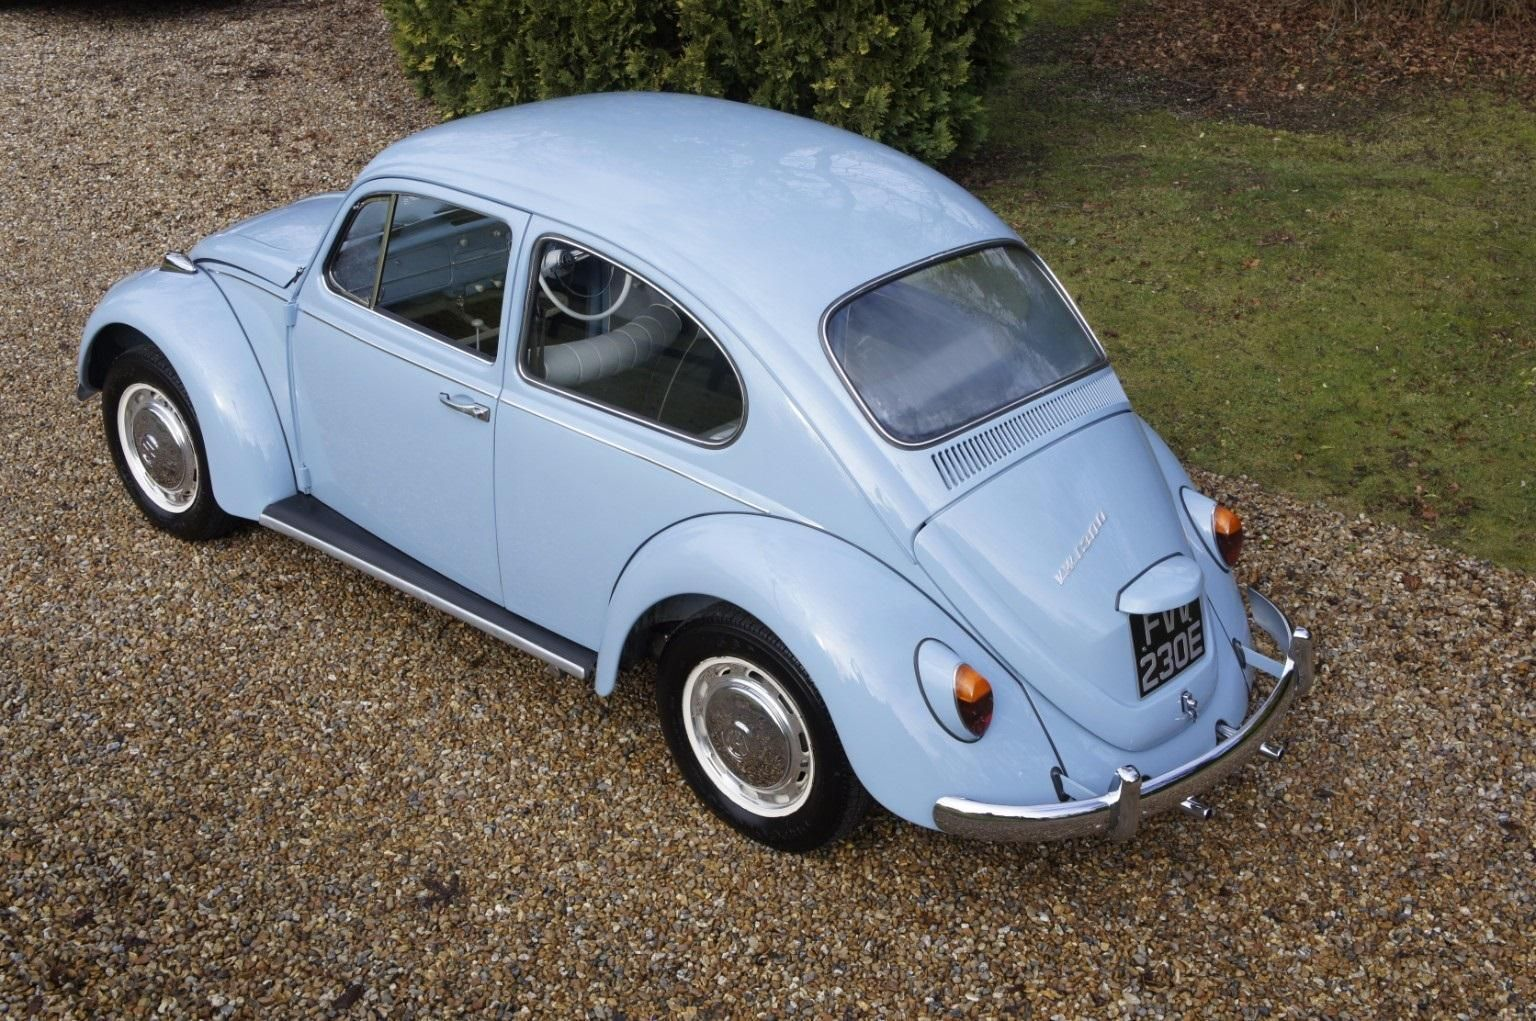 http://www.ebay.co.uk/itm/Volkswagen-Beetle-1300-PETROL-MANUAL-1967 ...